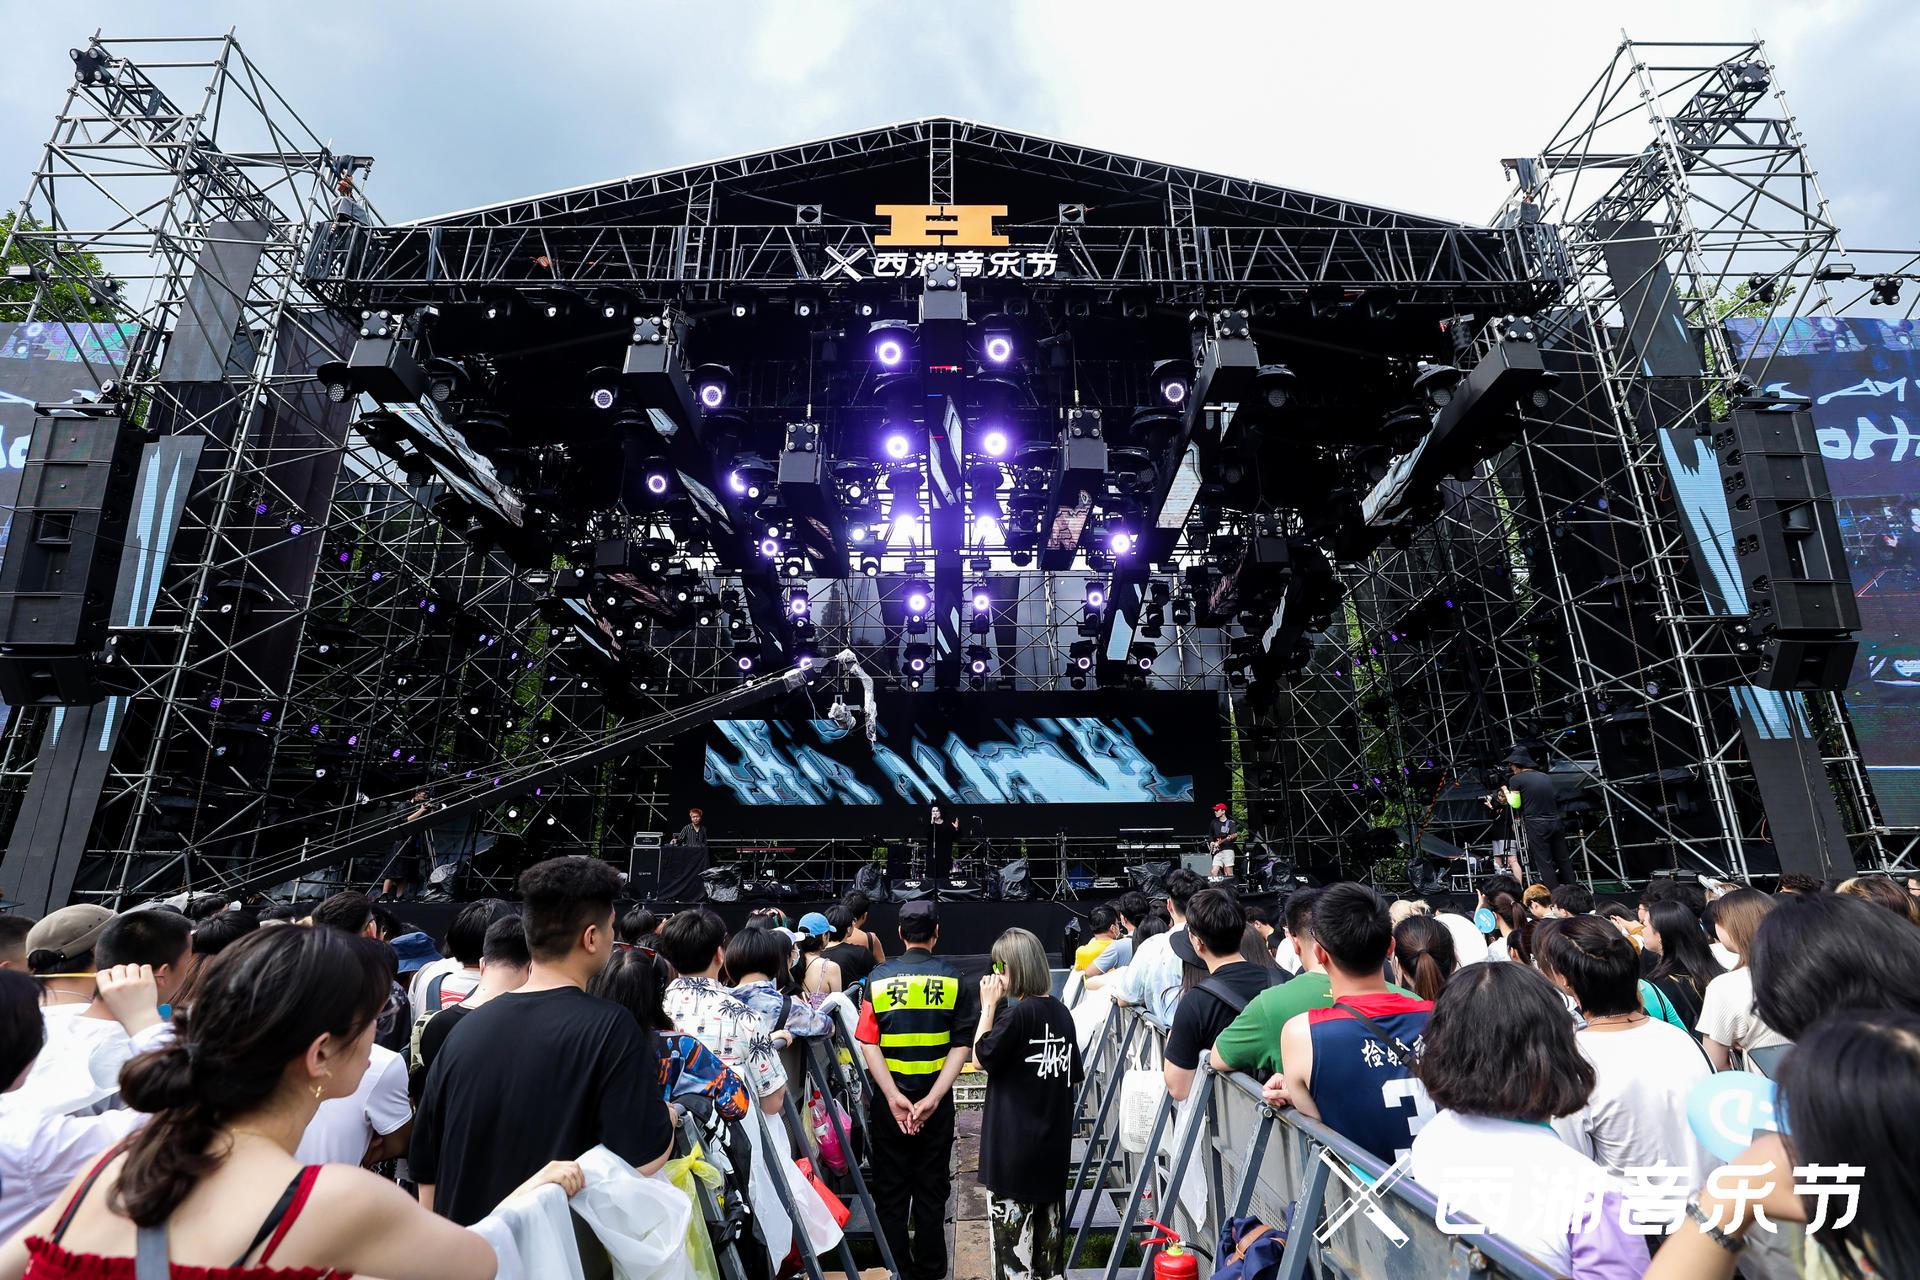 「XIHU——X ,I Hear U !」西湖音乐节活动策划是一次集结的暗号